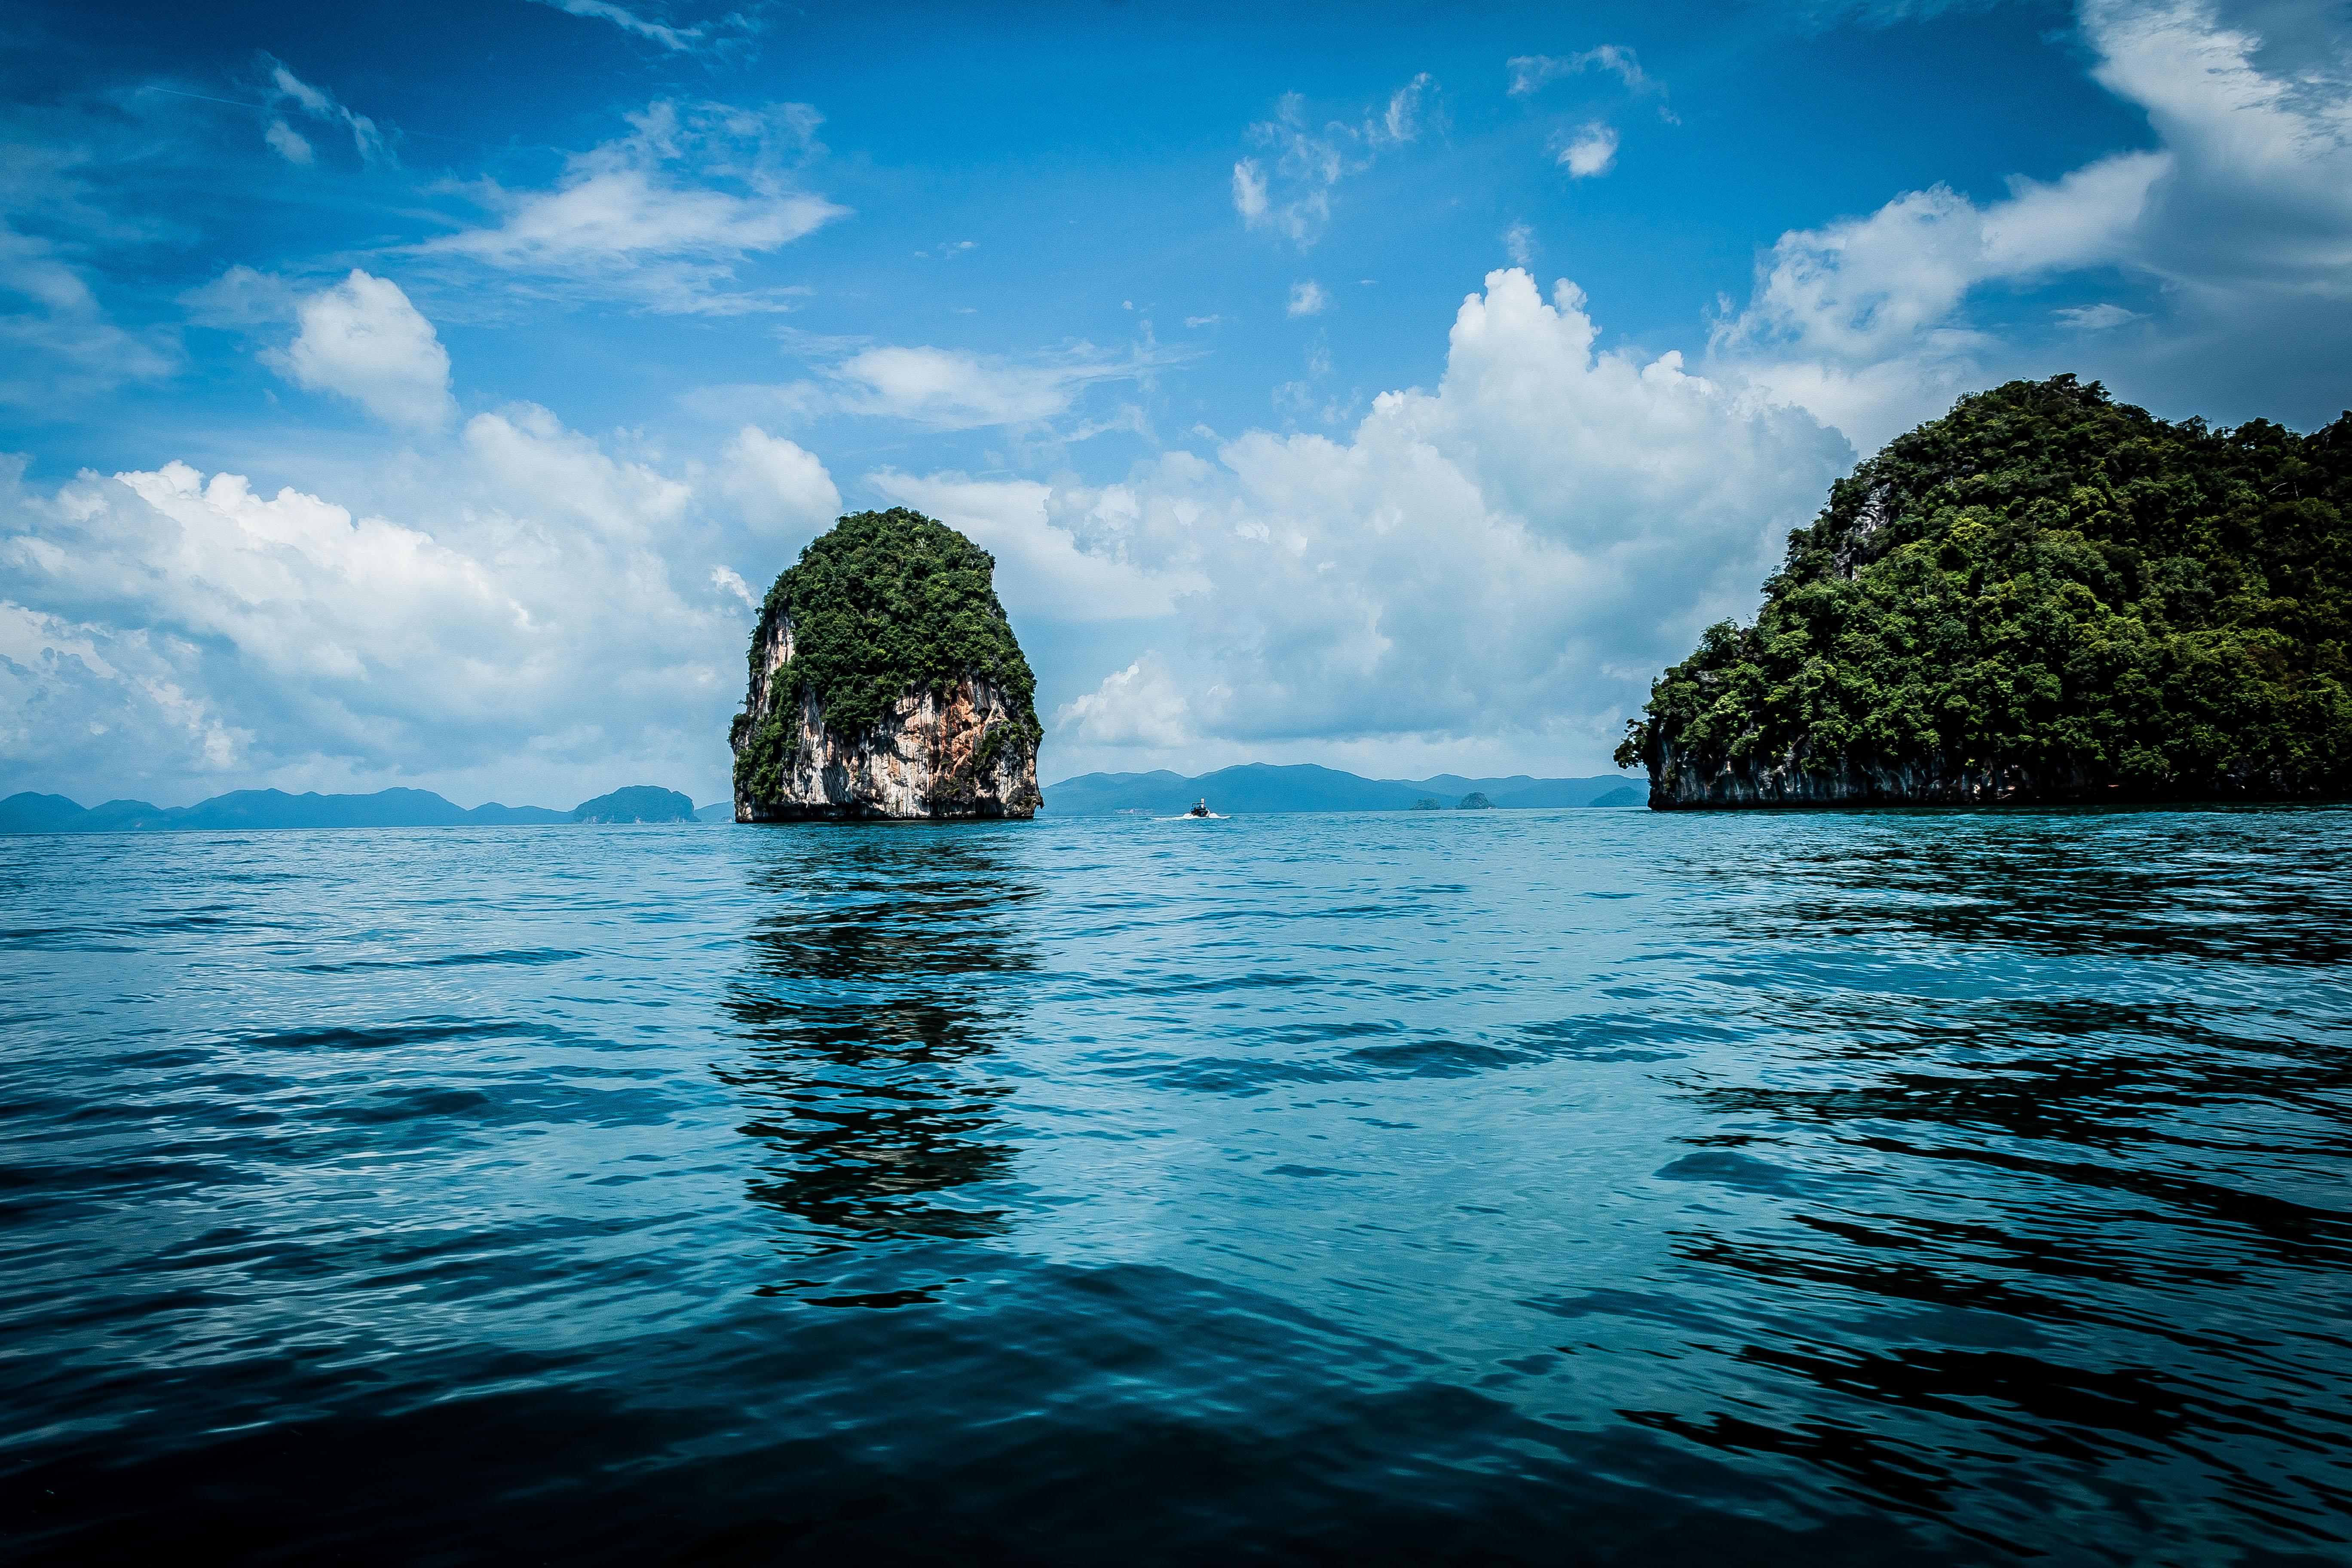 101542 скачать обои Природа, Море, Скала, Растения, Тропический - заставки и картинки бесплатно